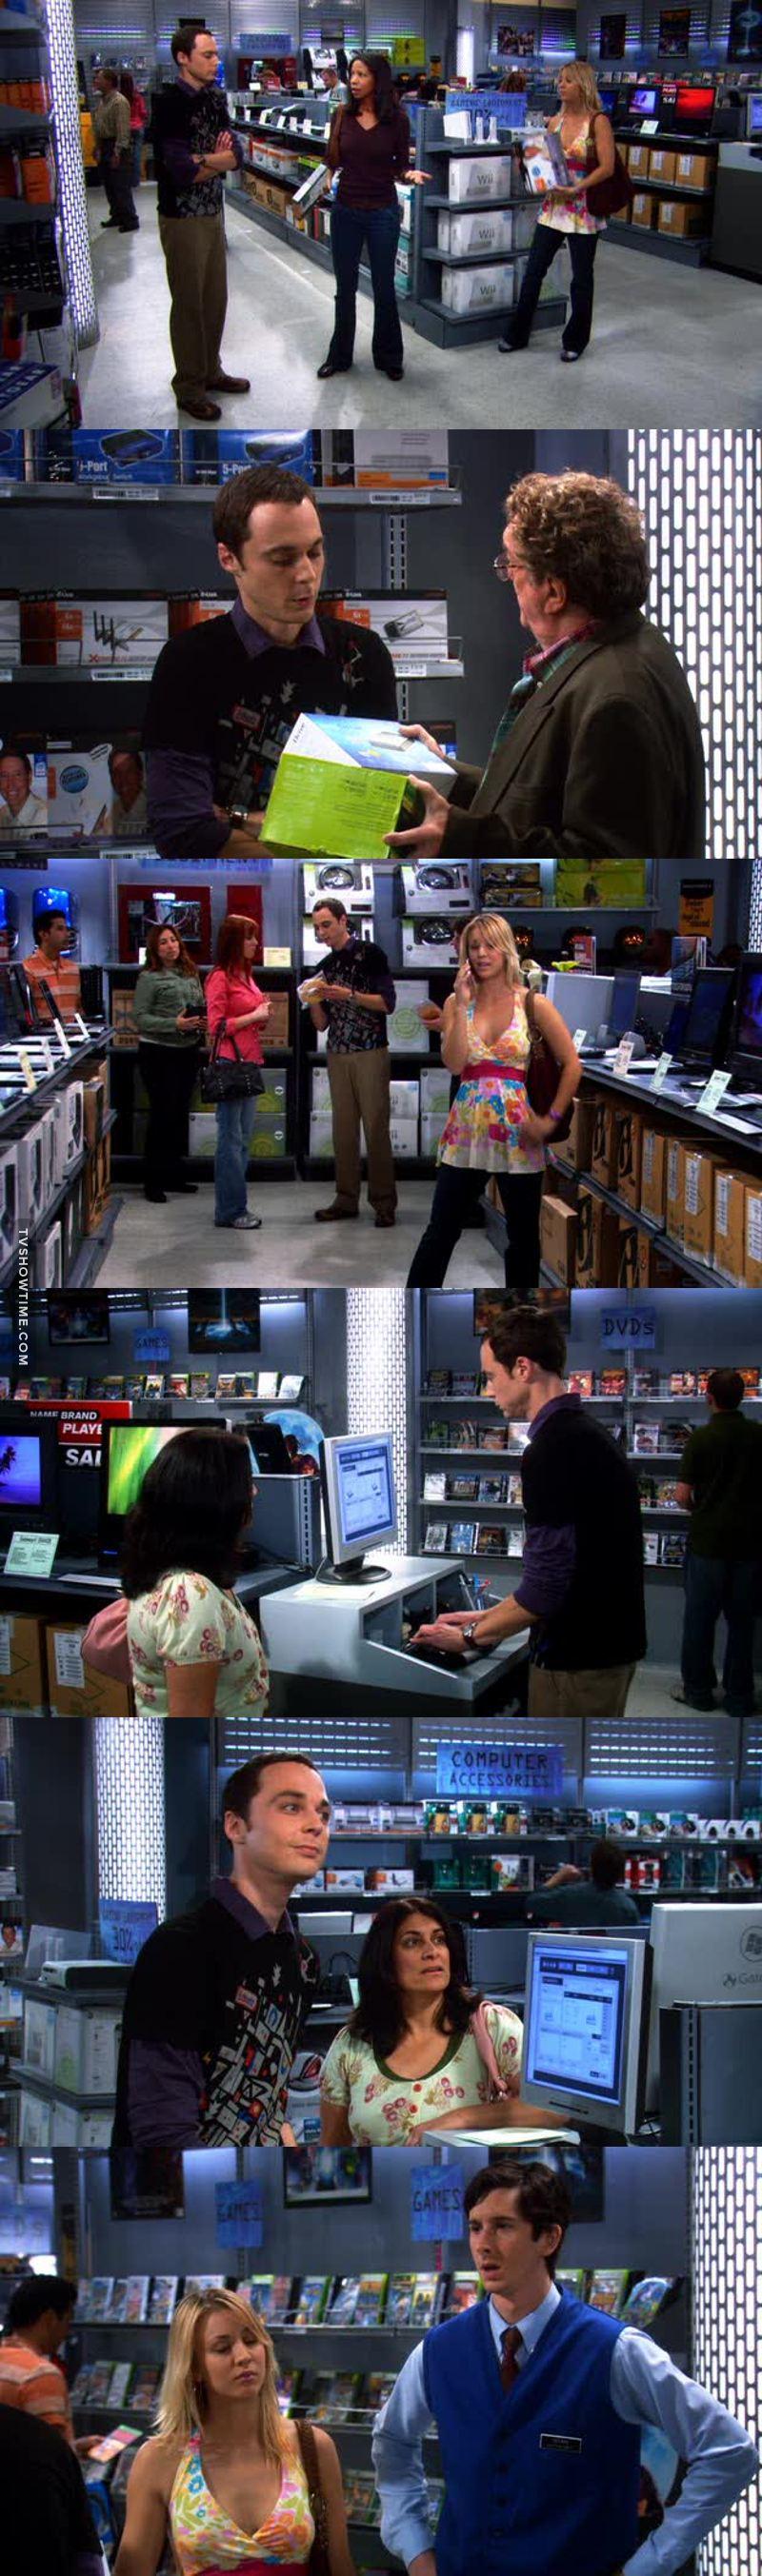 Sheldone au magasin c'était vraiment épic!😂😂